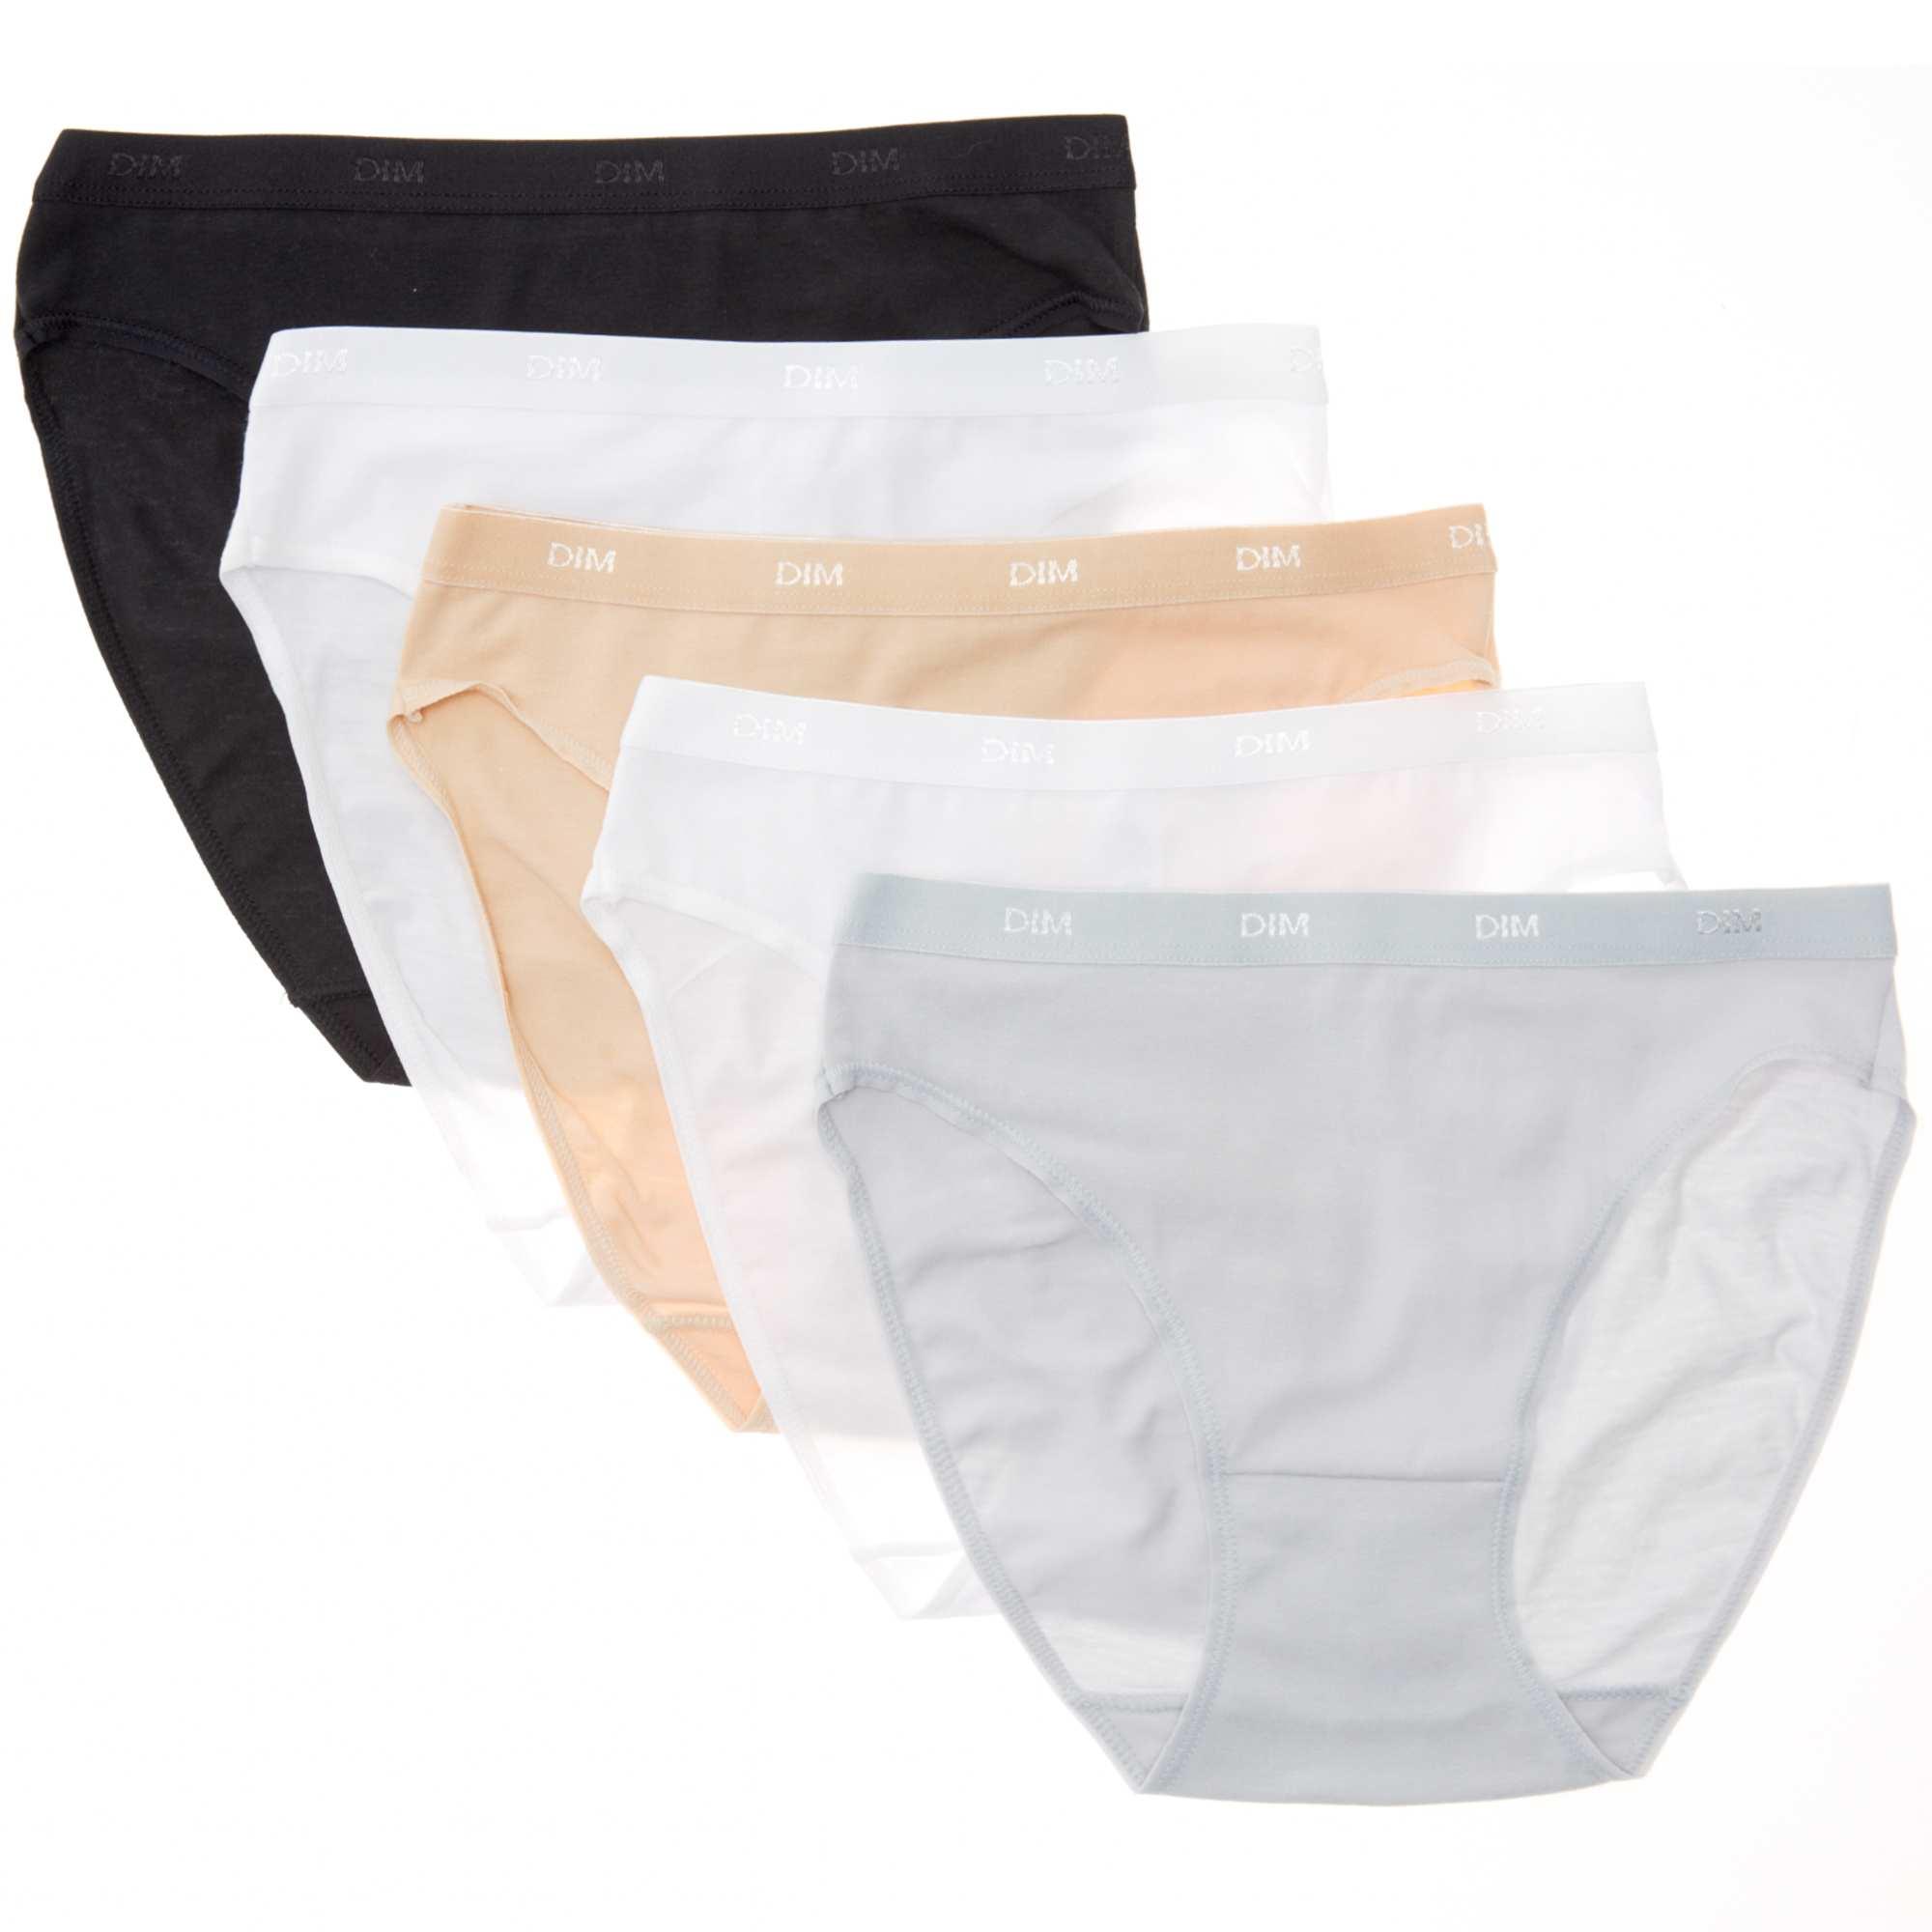 Couleur : noir/chair/blanc/gris, , ,, - Taille : 36/38, 40/42, 44/46,,Renouvellez vos basiques avec EcoDIM, la qualité accessible ! - Lot de 5 culottes en